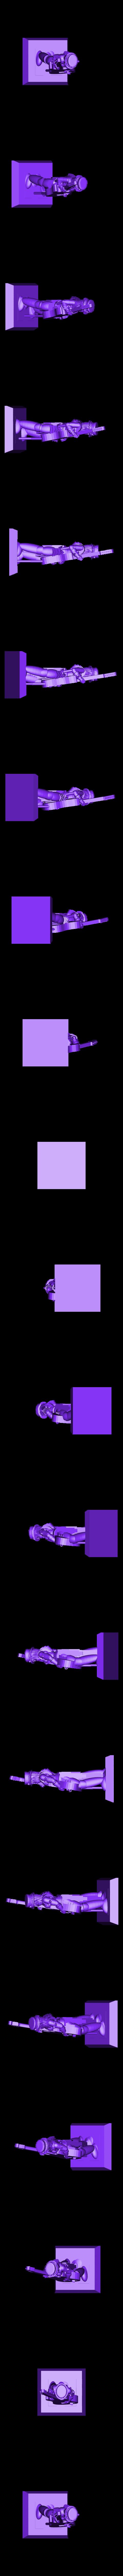 Bard_with_Supports.stl Télécharger fichier STL gratuit Le Barde de Rock • Design à imprimer en 3D, mrhers2